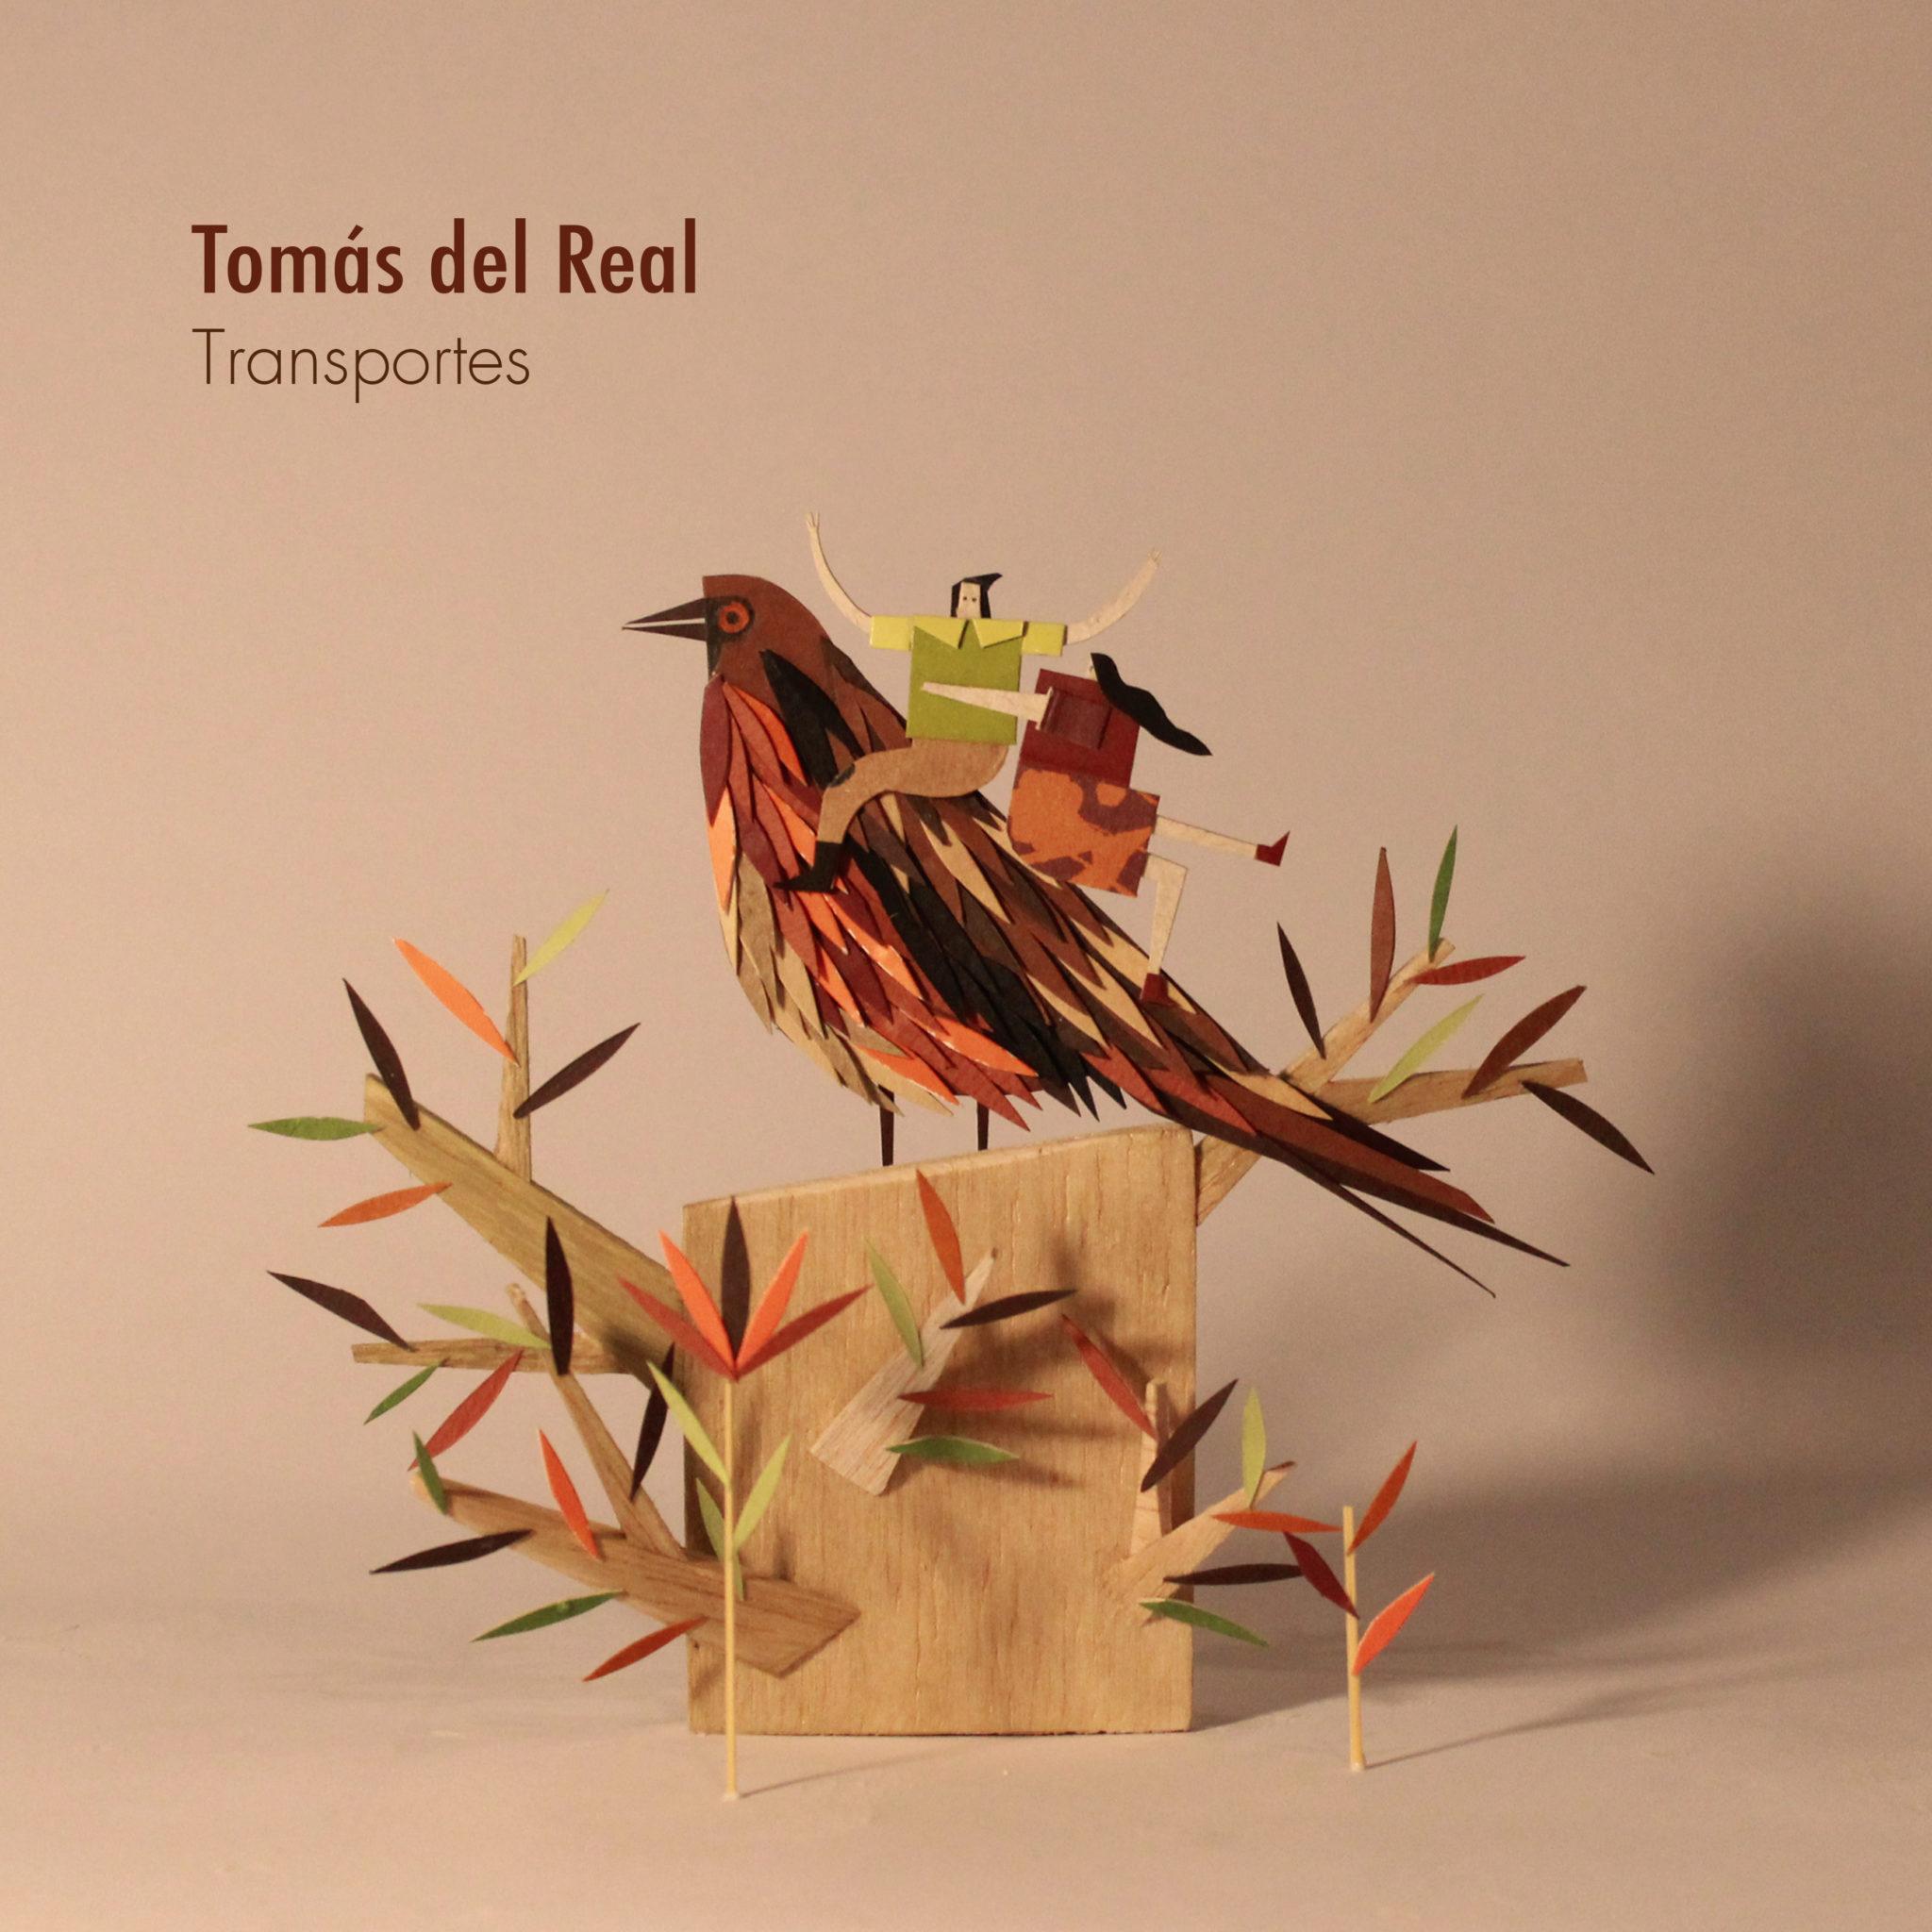 TRANSPORTES_ Tomás Del Real